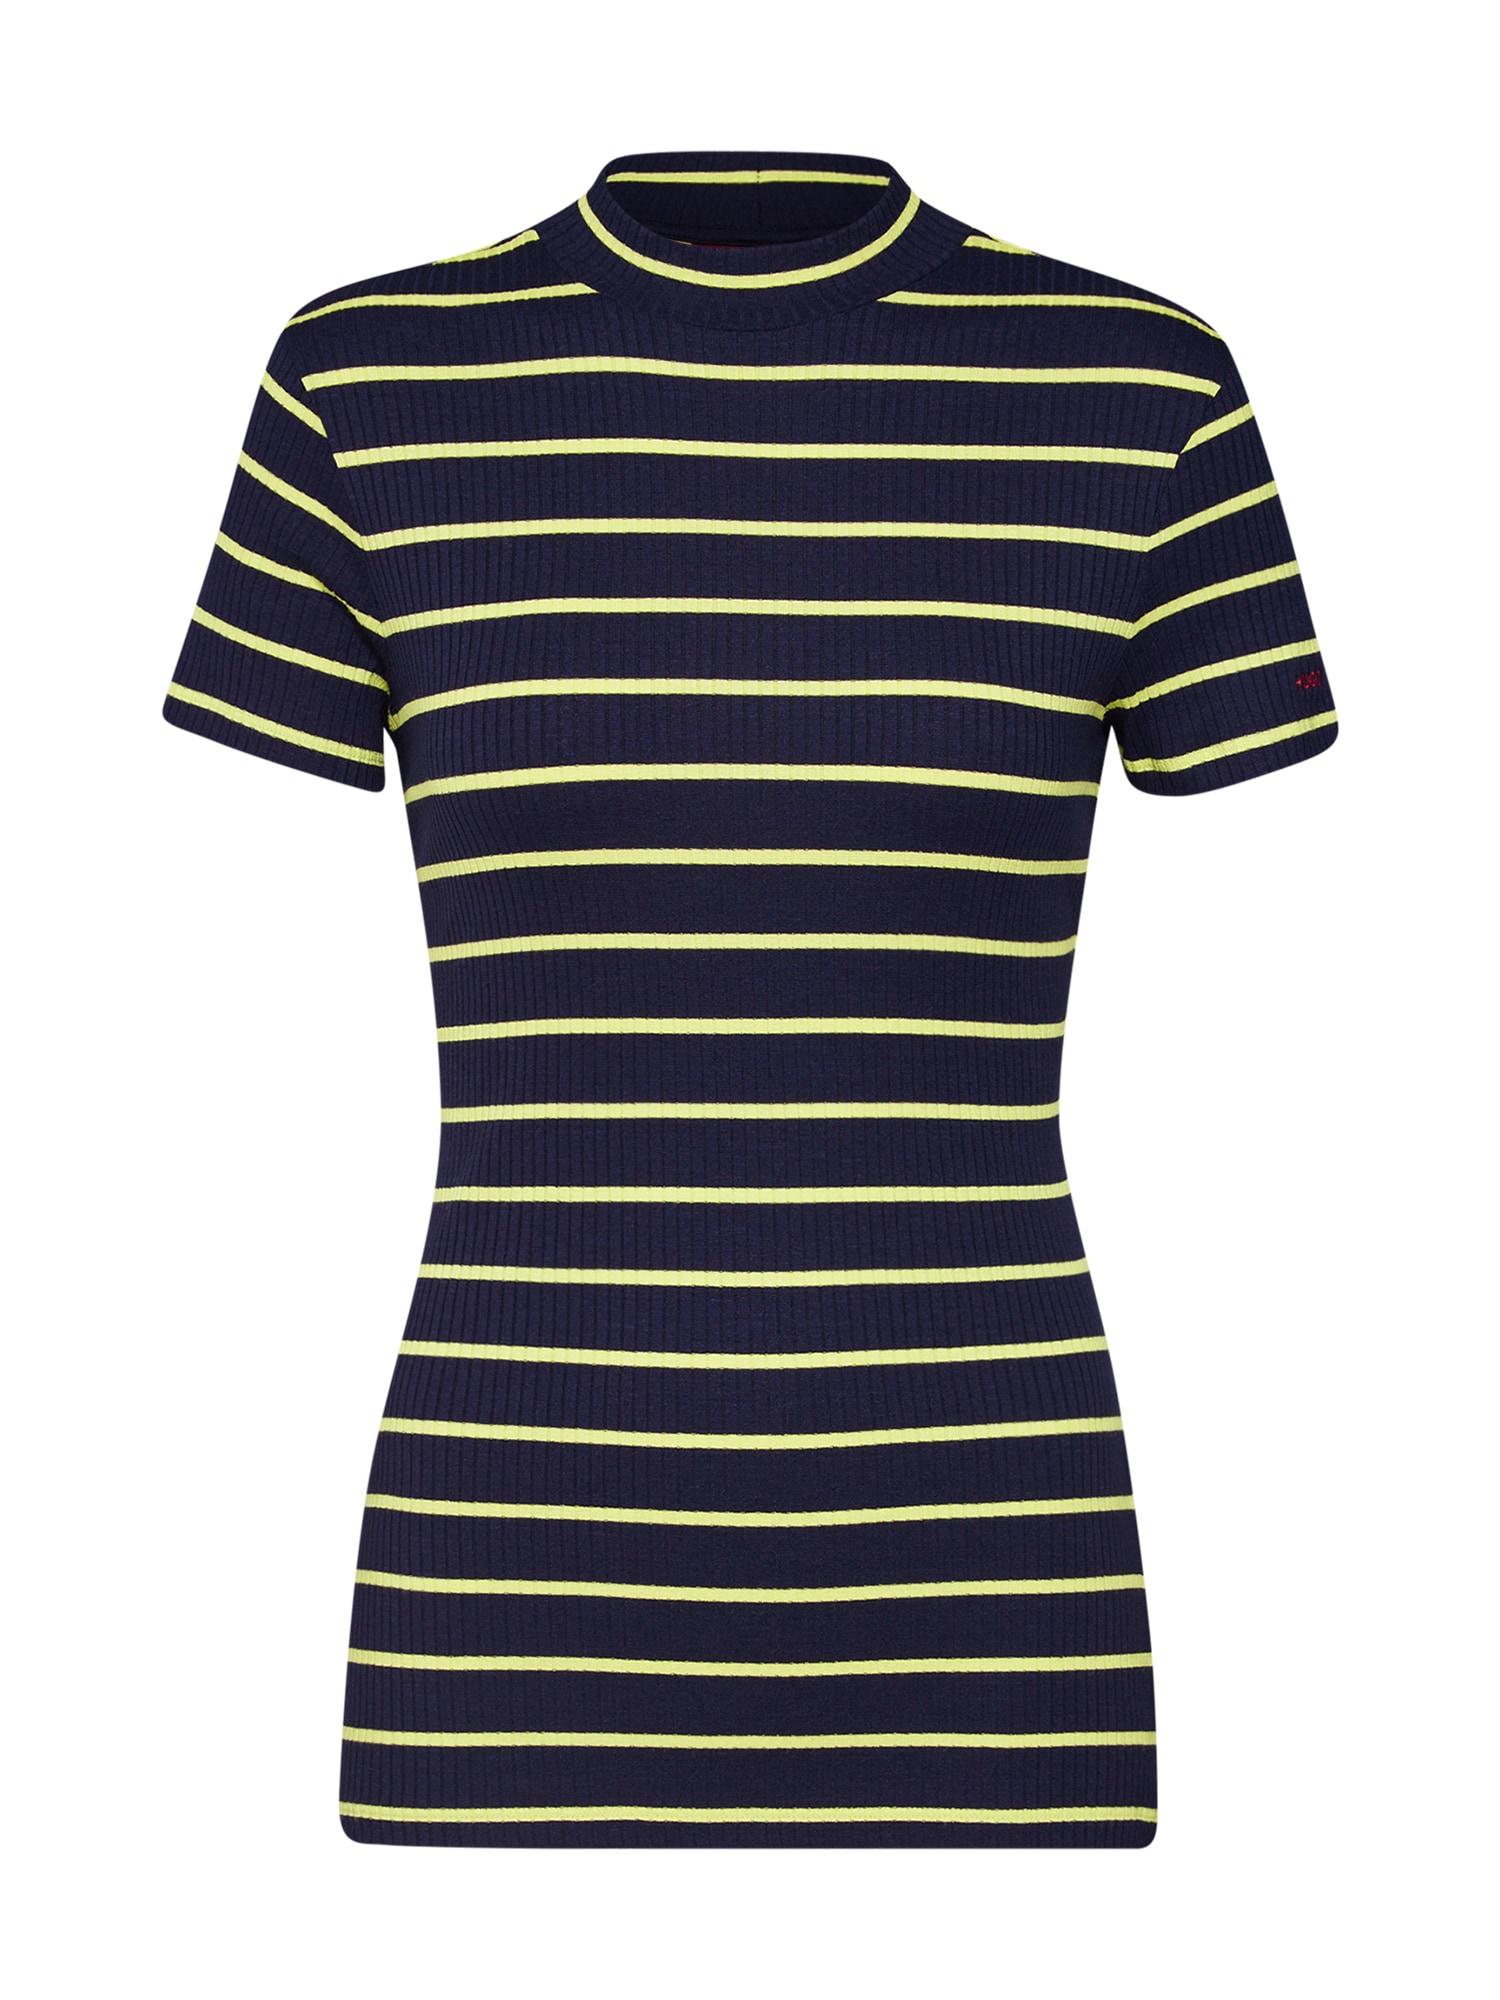 Tričko Daroline námořnická modř žlutá HUGO